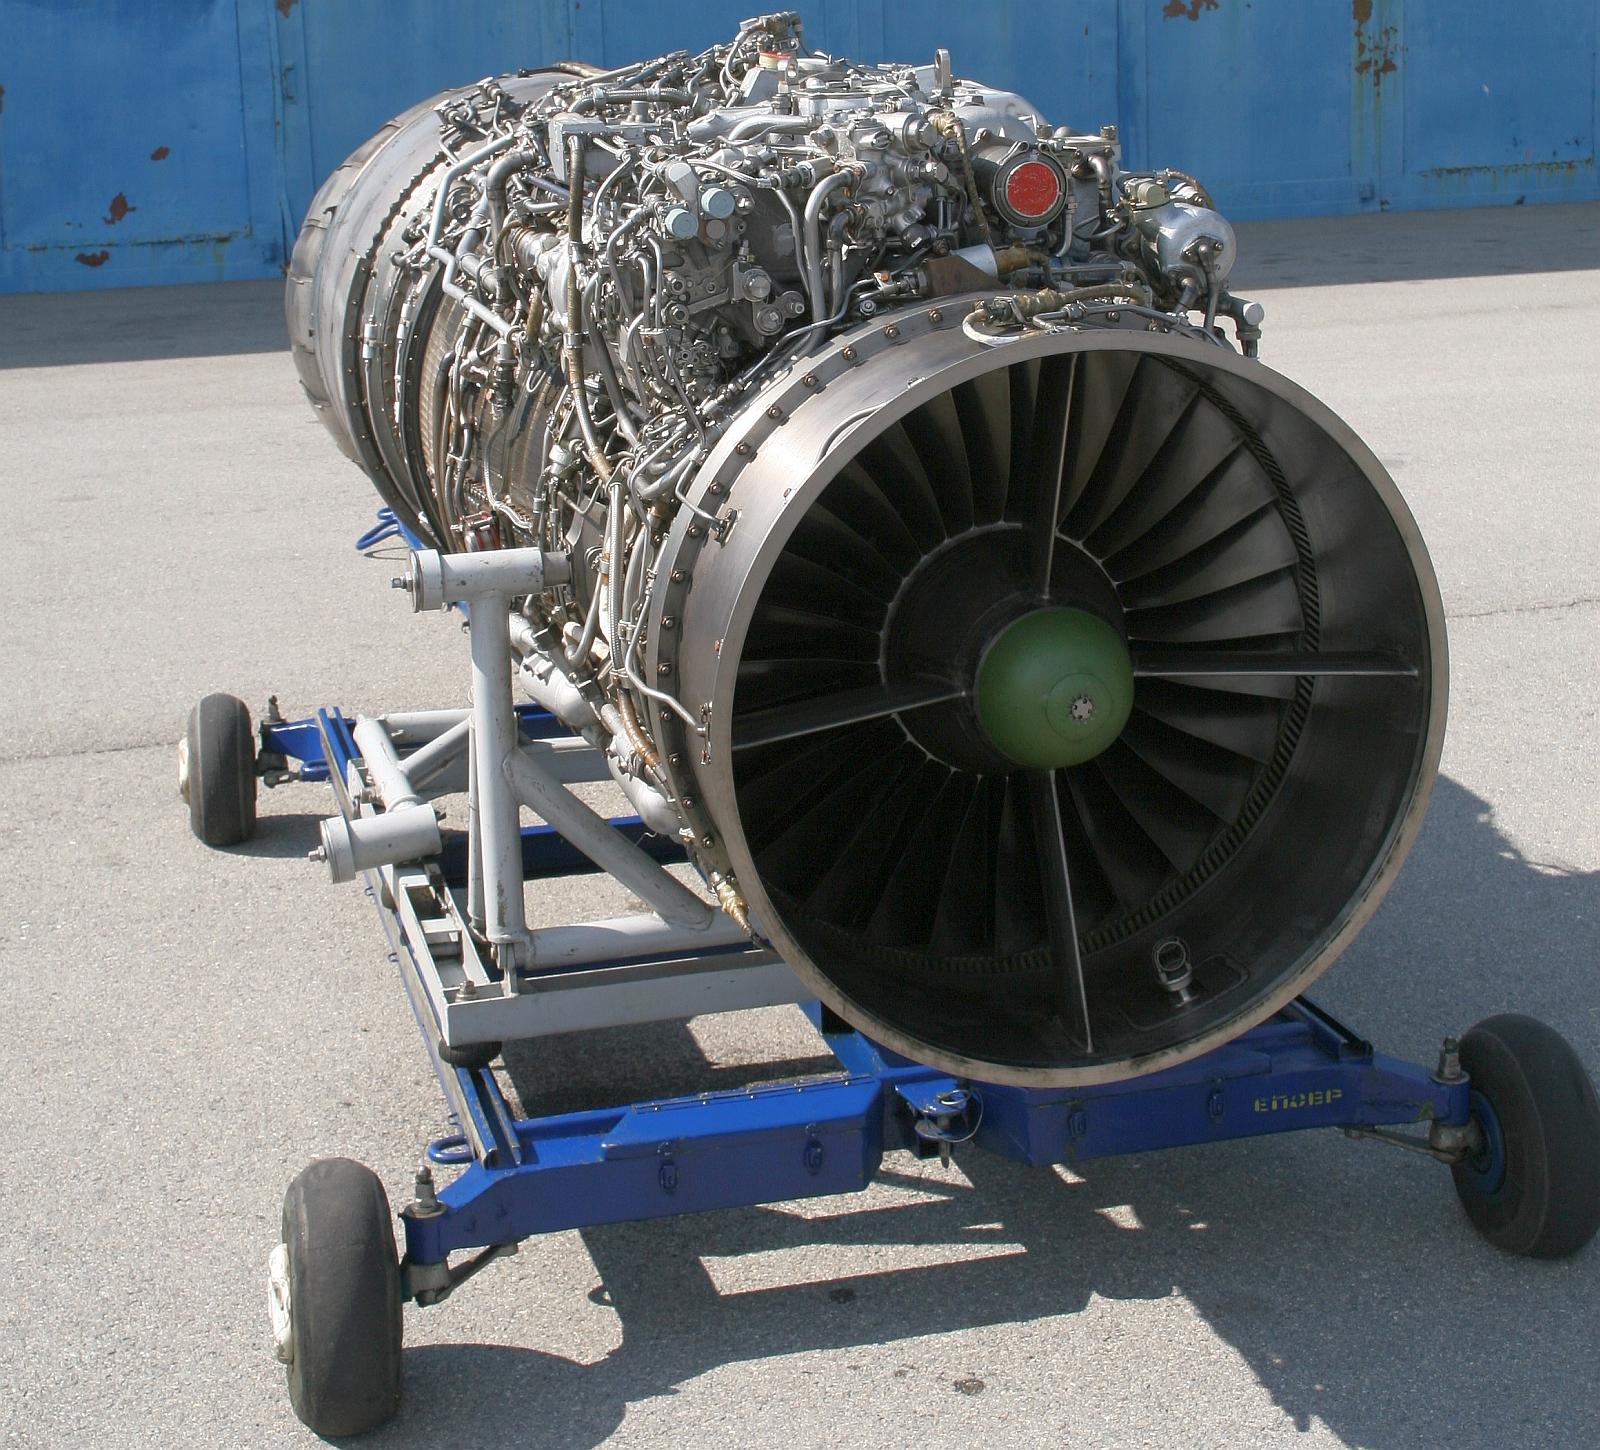 ВВС Болгарии объявили тендер на закупку 10 двигателей РД-33 и запчастей к ним